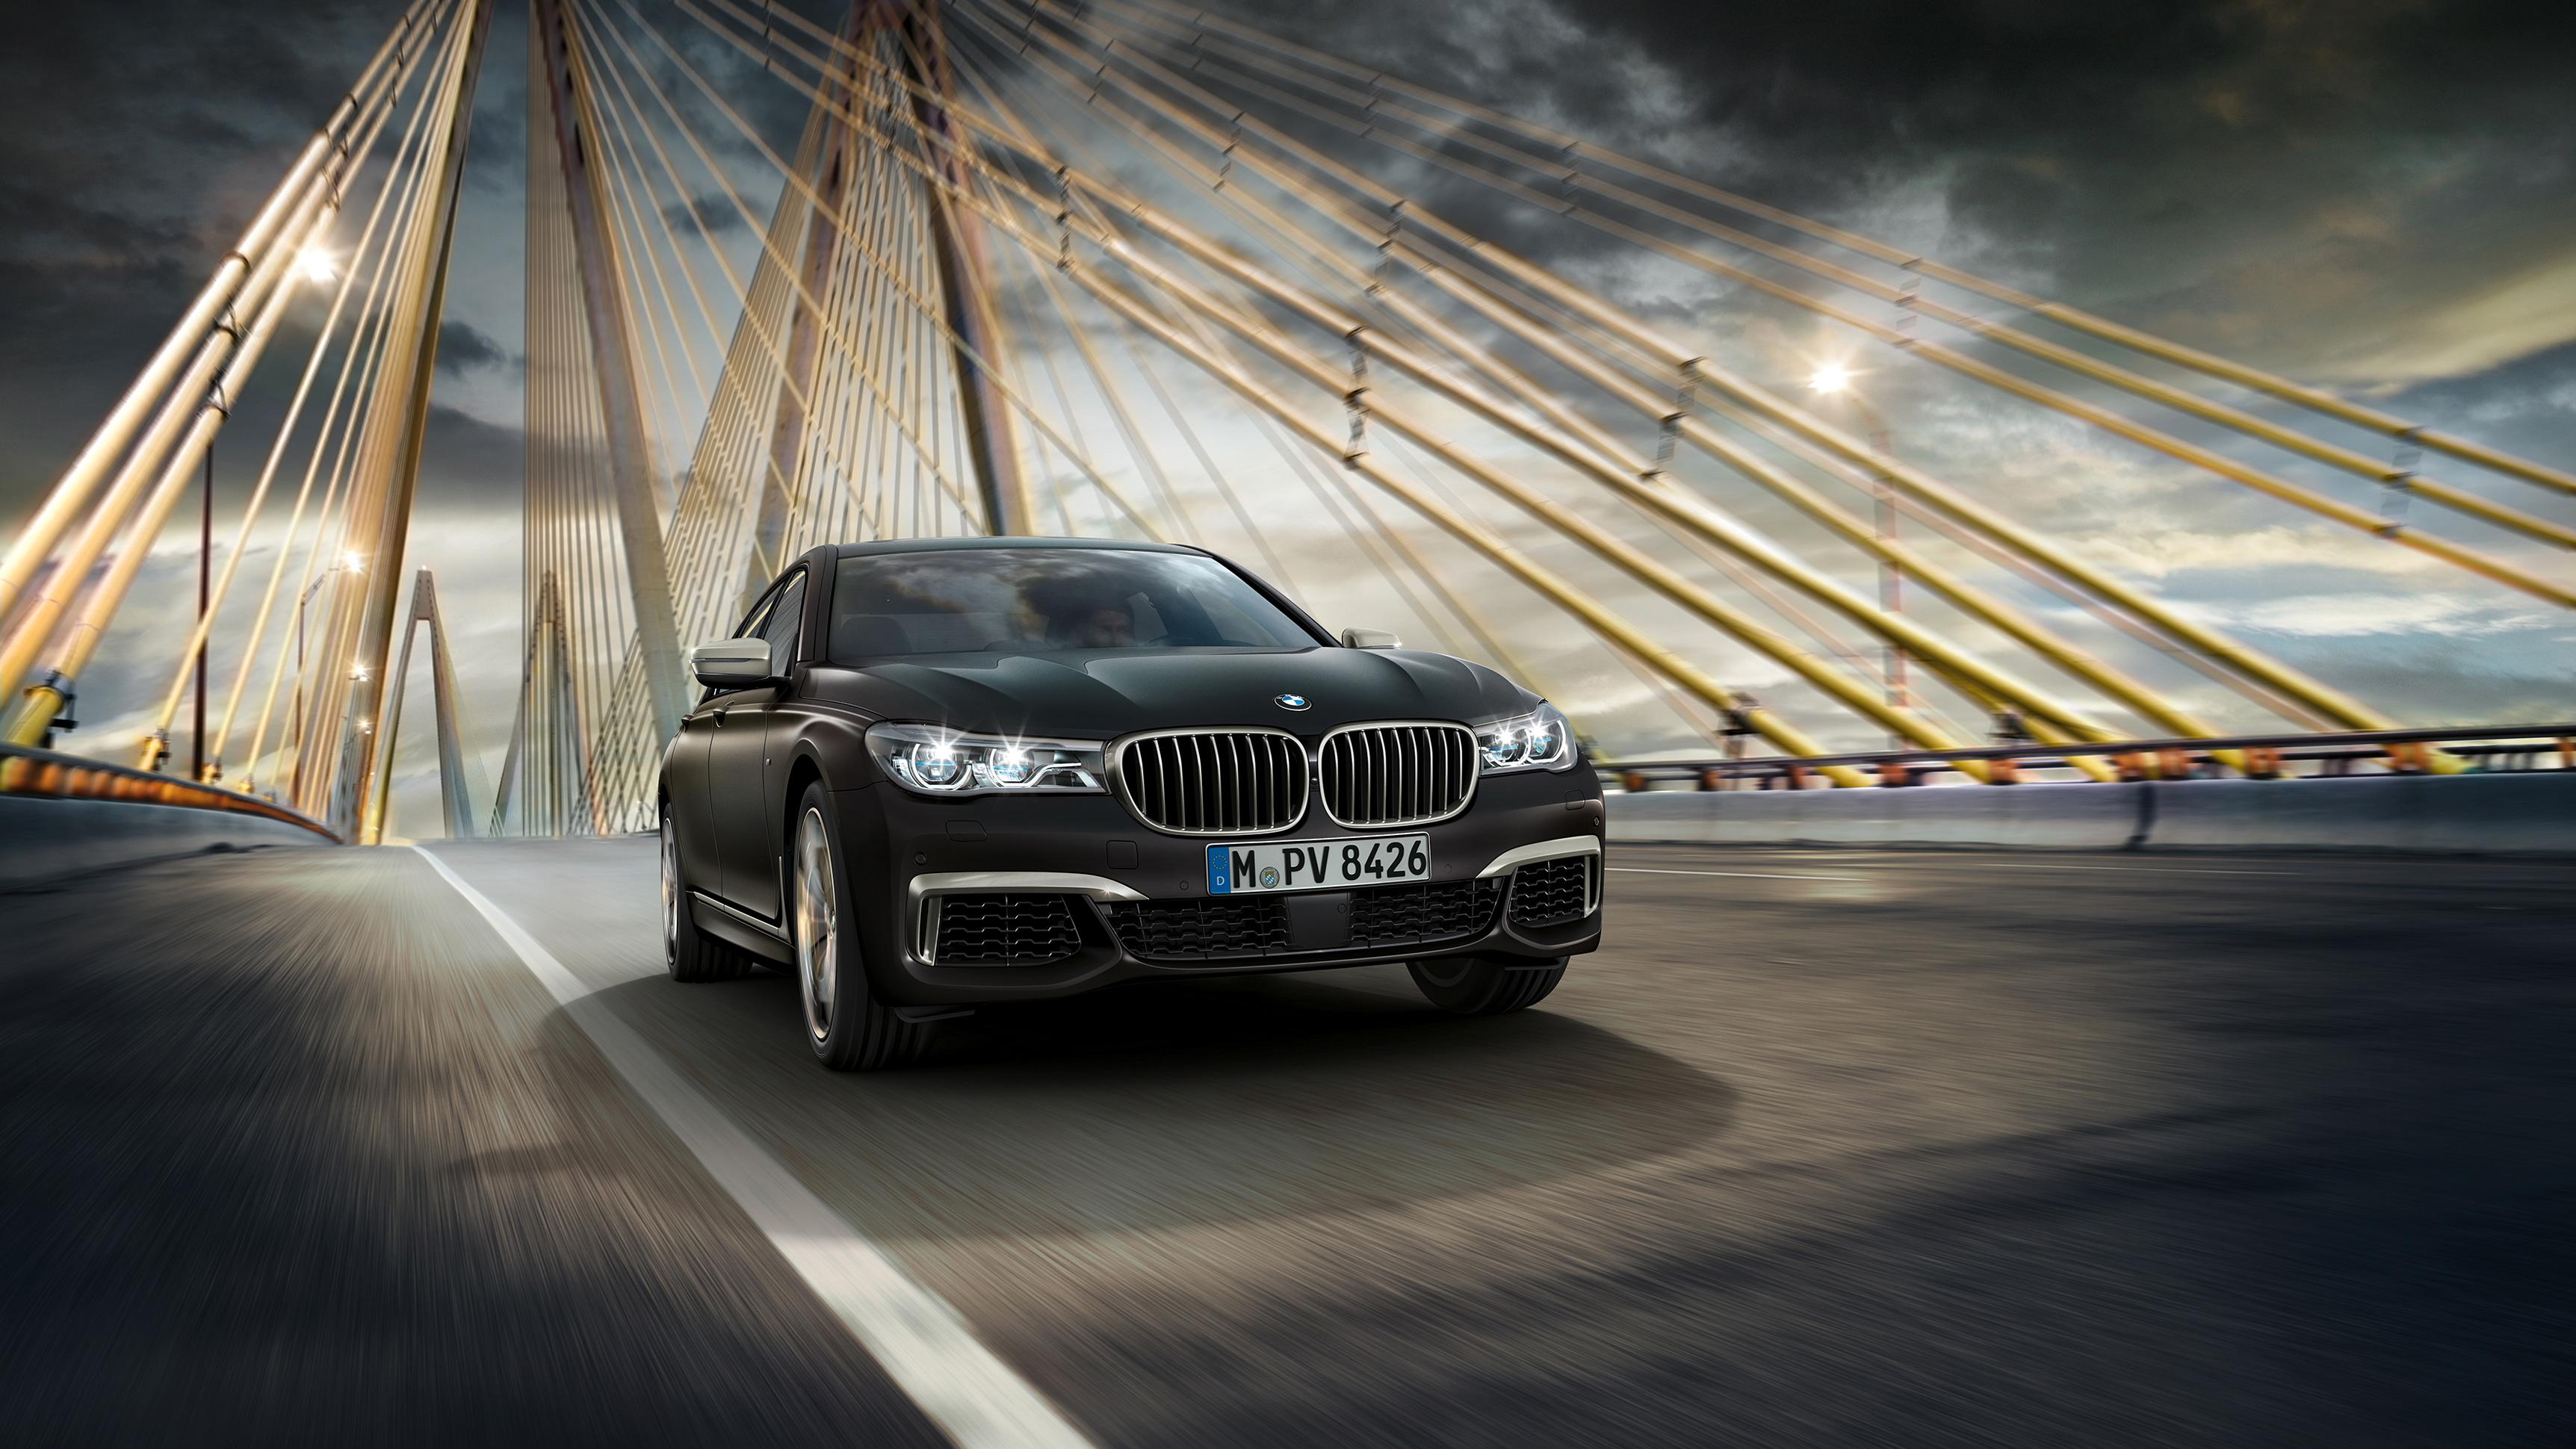 2017 BMW 750Li XDrive